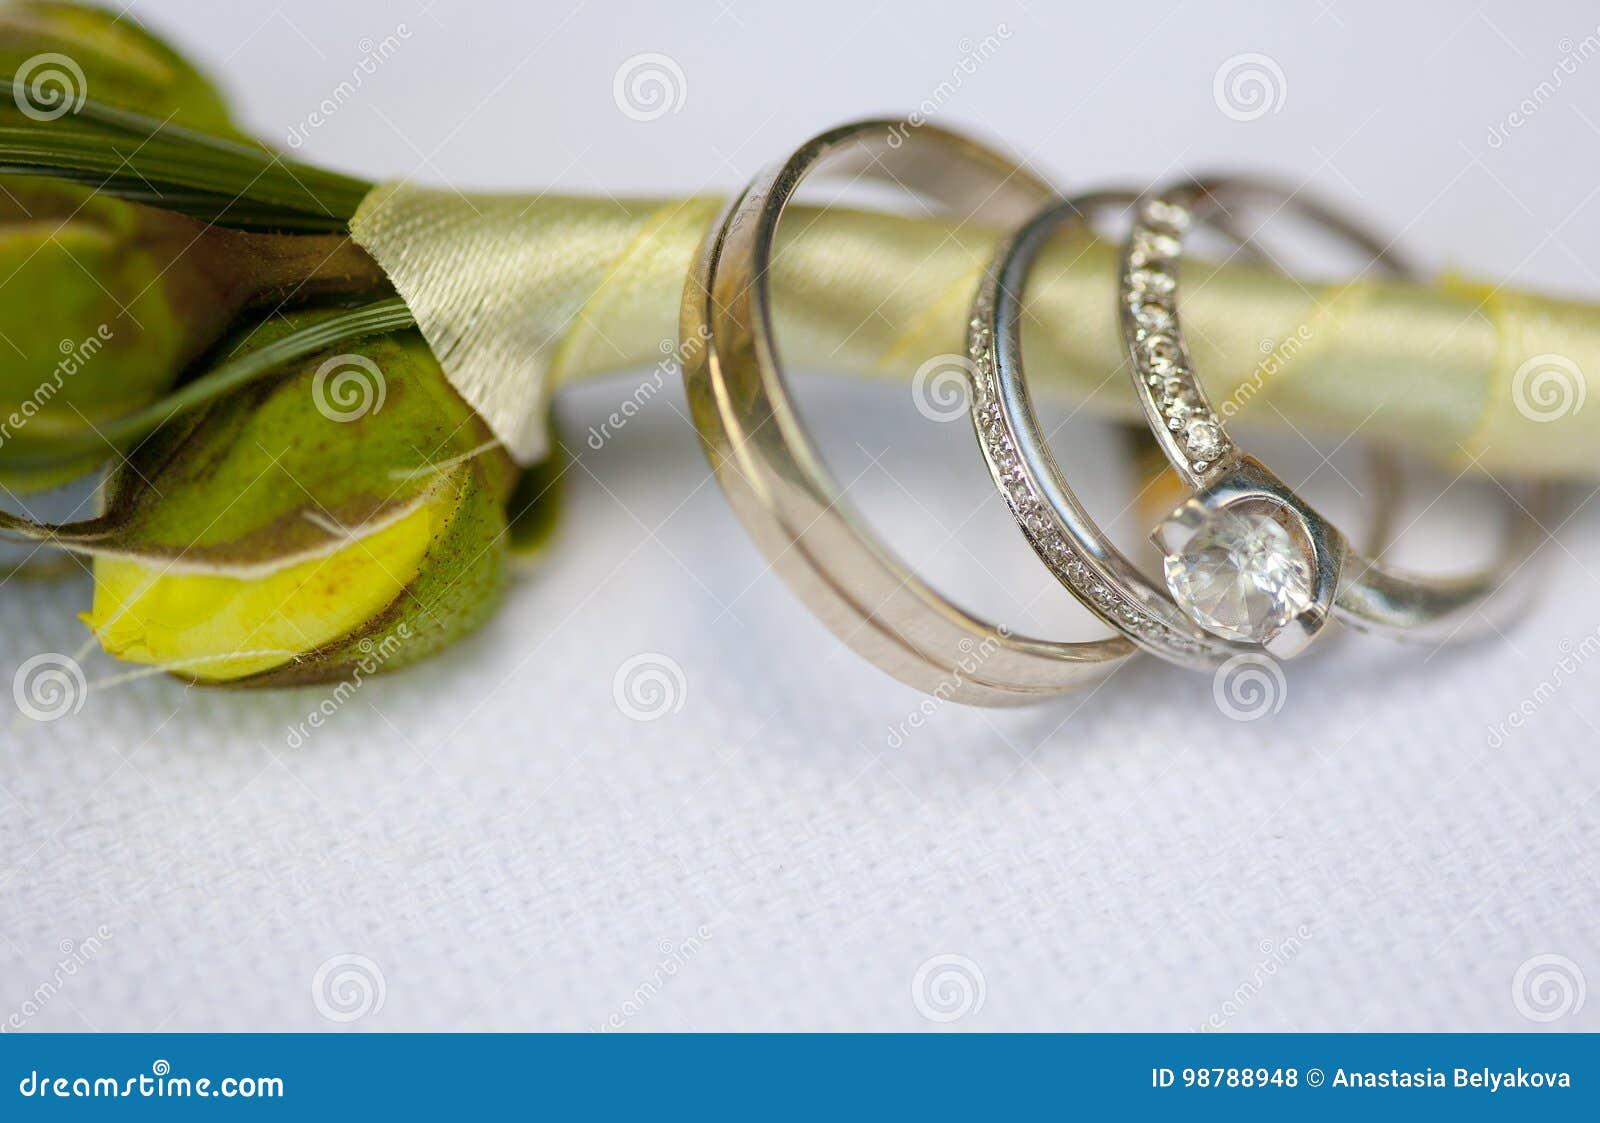 Alianças de casamento e anel de noivado de prata com o diamante oferecido  no boutonniere do noivo com fita de seda c3b97fefdc87a